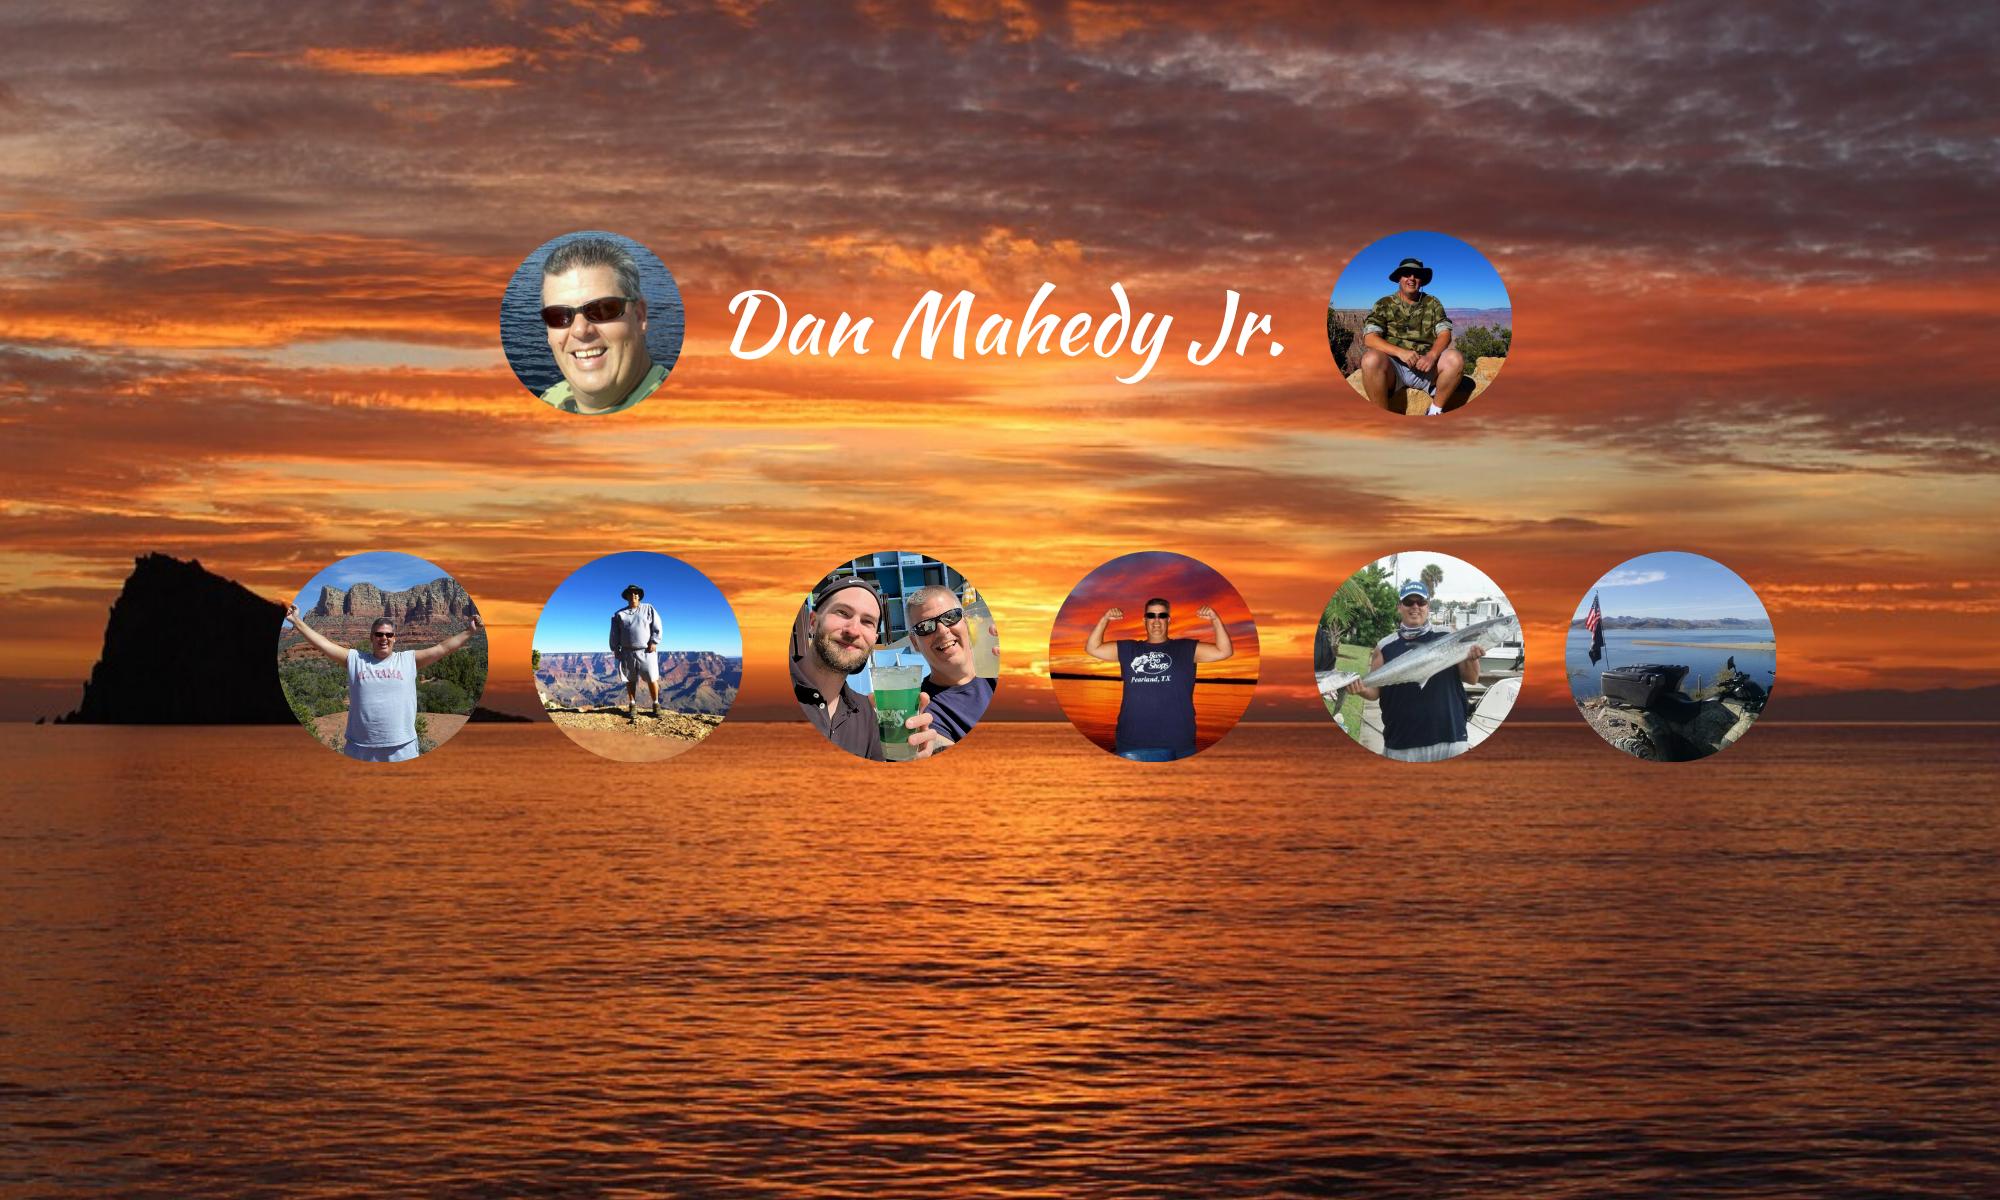 Dan Mahedy Jr